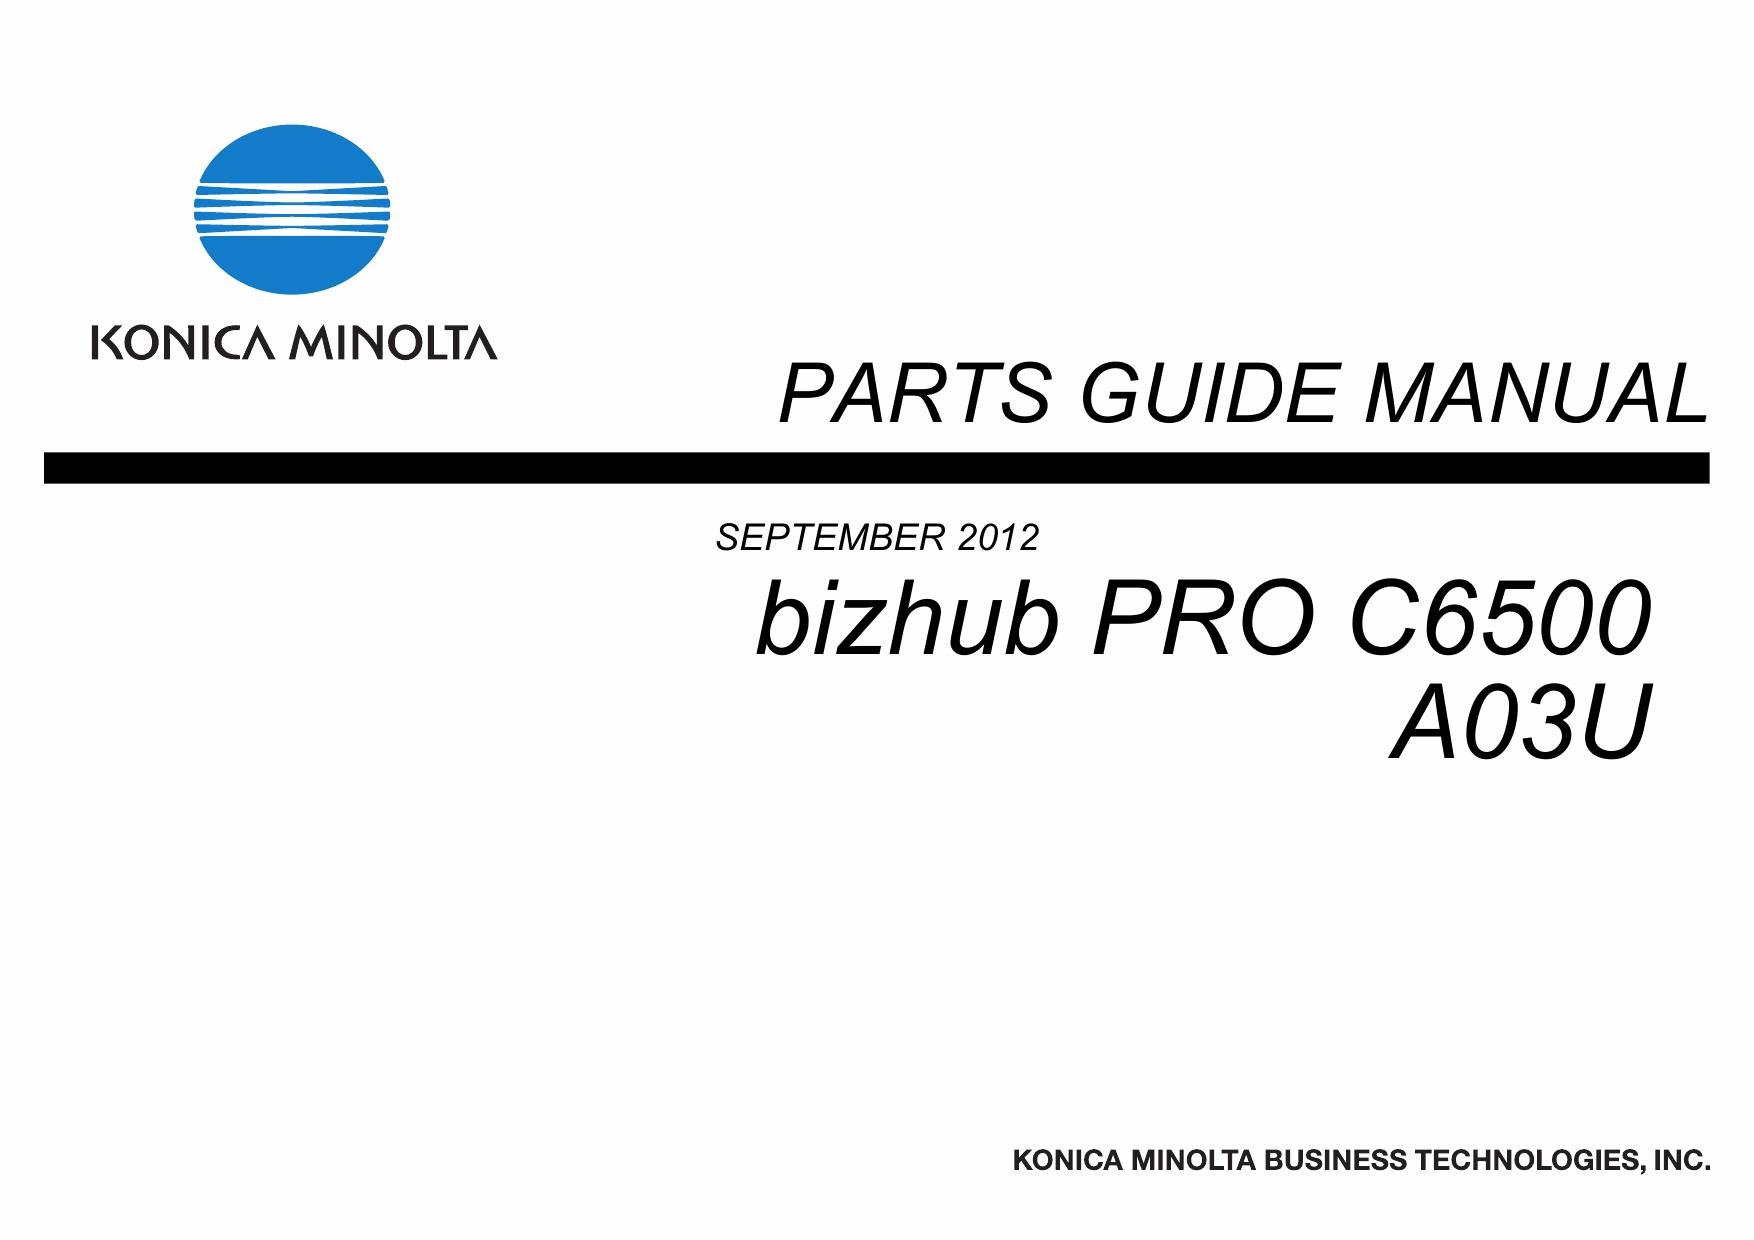 konica minolta bizhub pro c6500 parts manual rh qmanual com Konica Minolta Bizhub C8000 konica minolta bizhub c6500 service manual